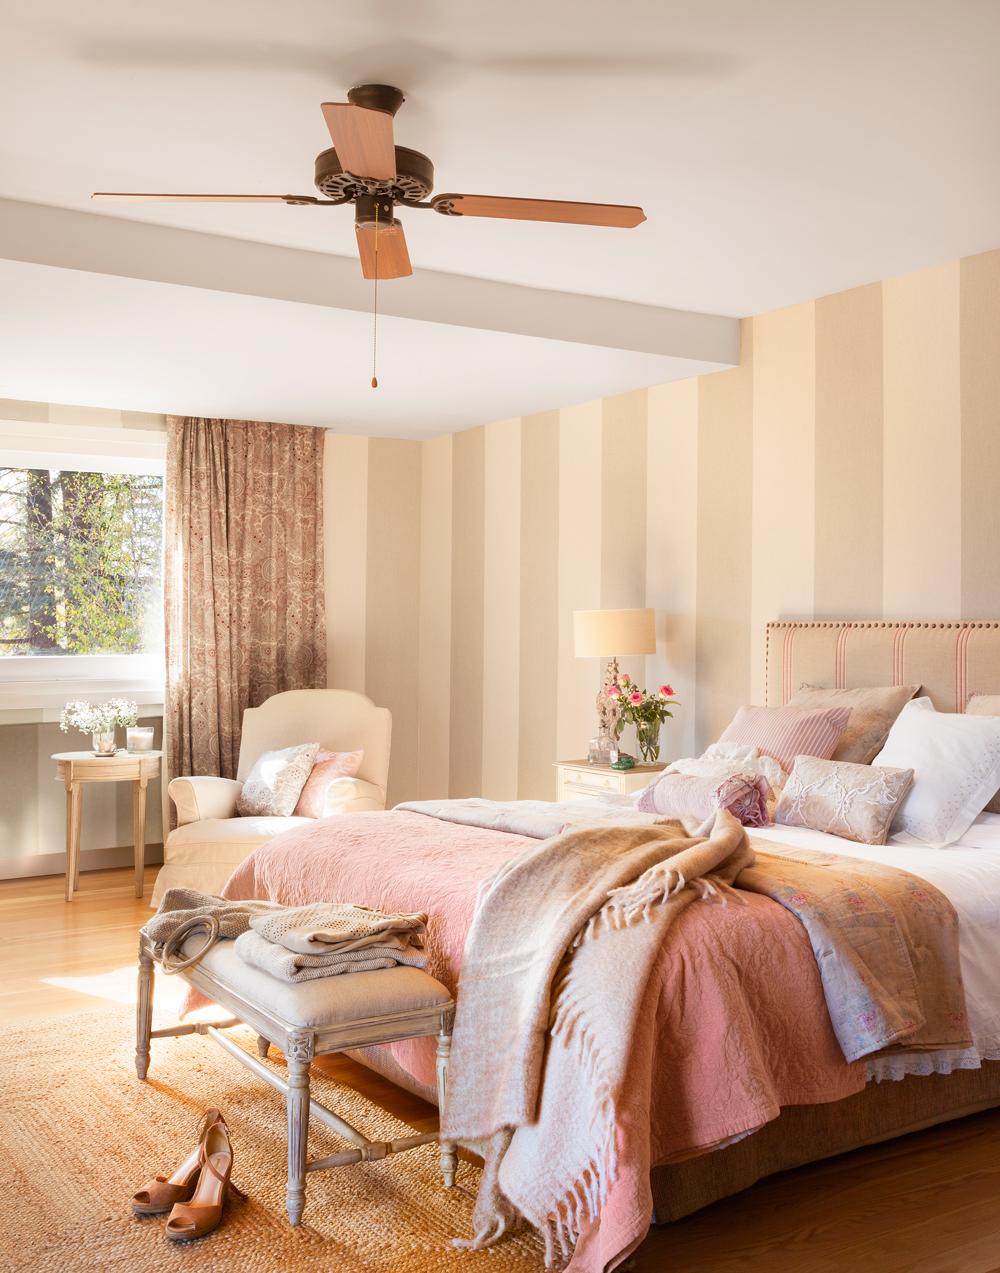 00421022. Dormitorio con paredes pintadas con franjas verticales. Ventilador 00421022